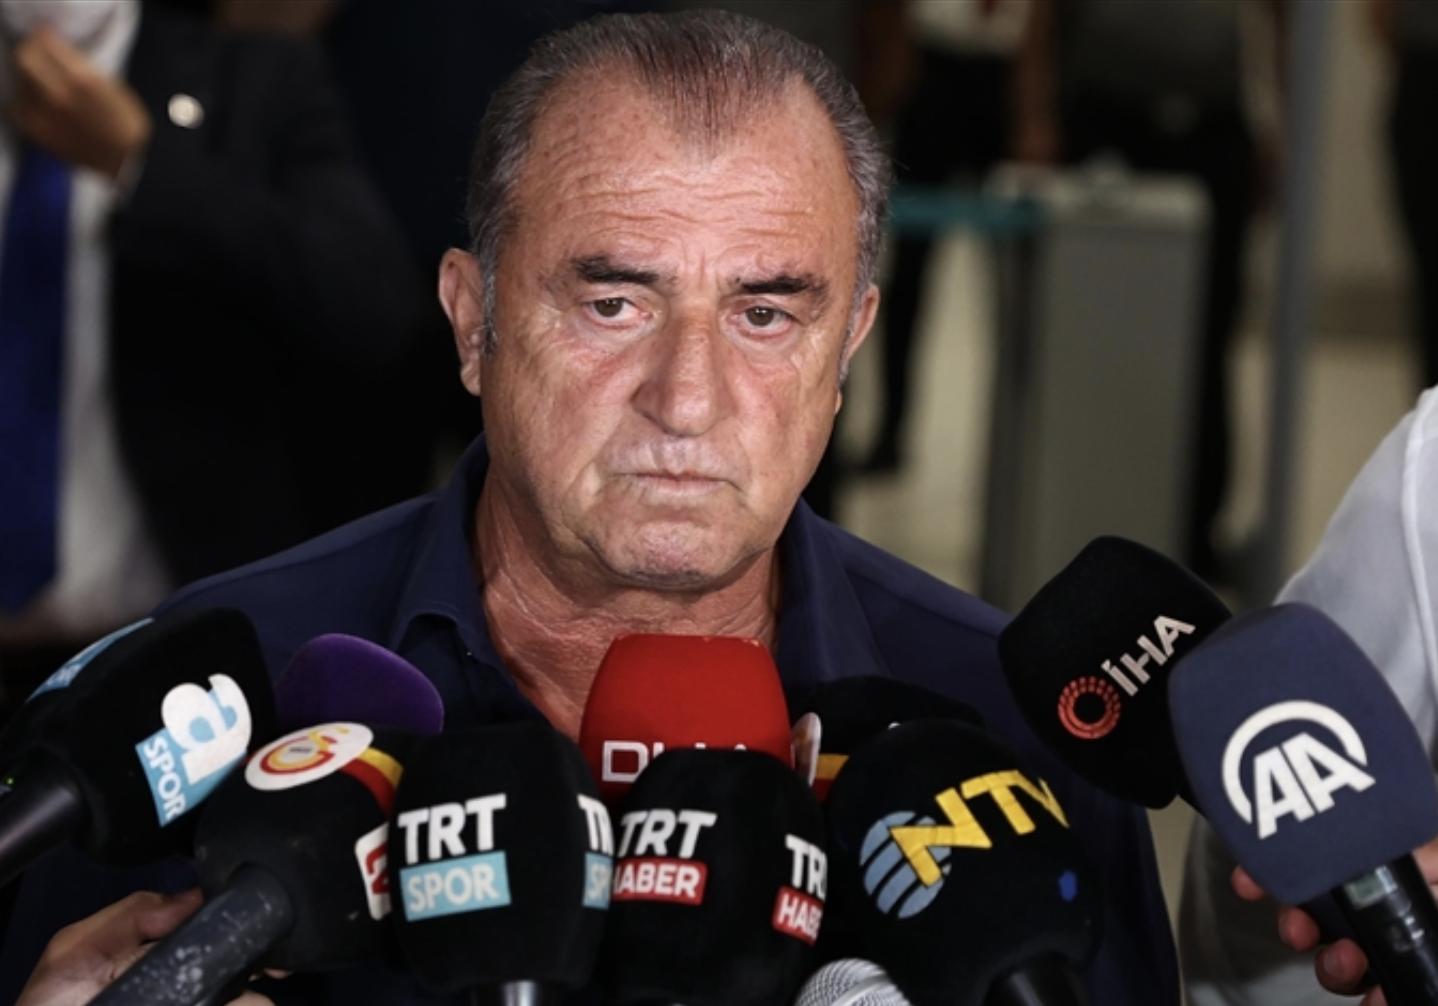 Οι ελληνοτουρκικές σχέσεις χτύπησαν κόκκινο και στο ποδόσφαιρο